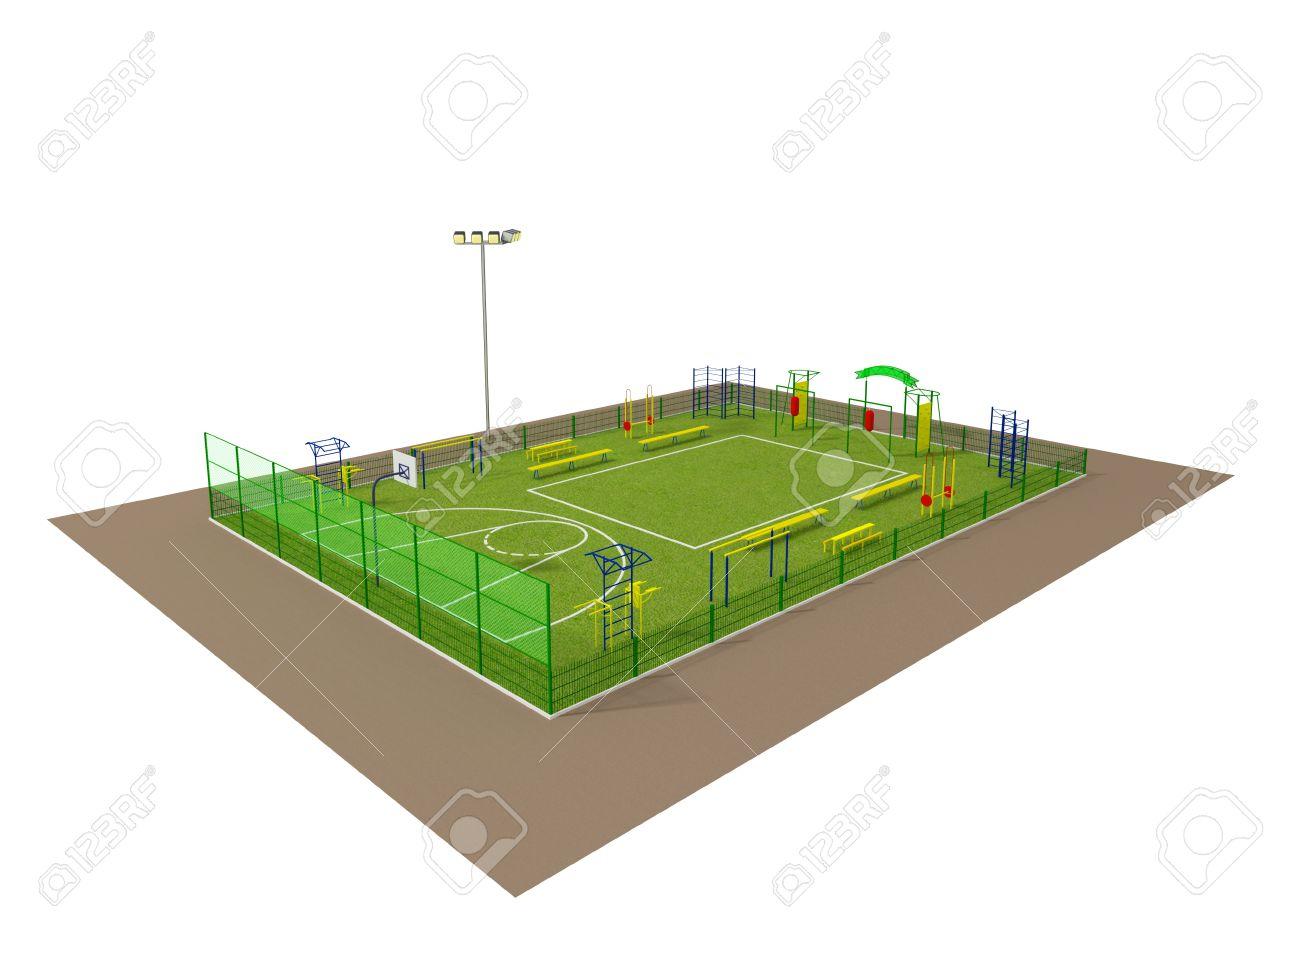 Как сделать макет футбольного поля из бумаги своими руками